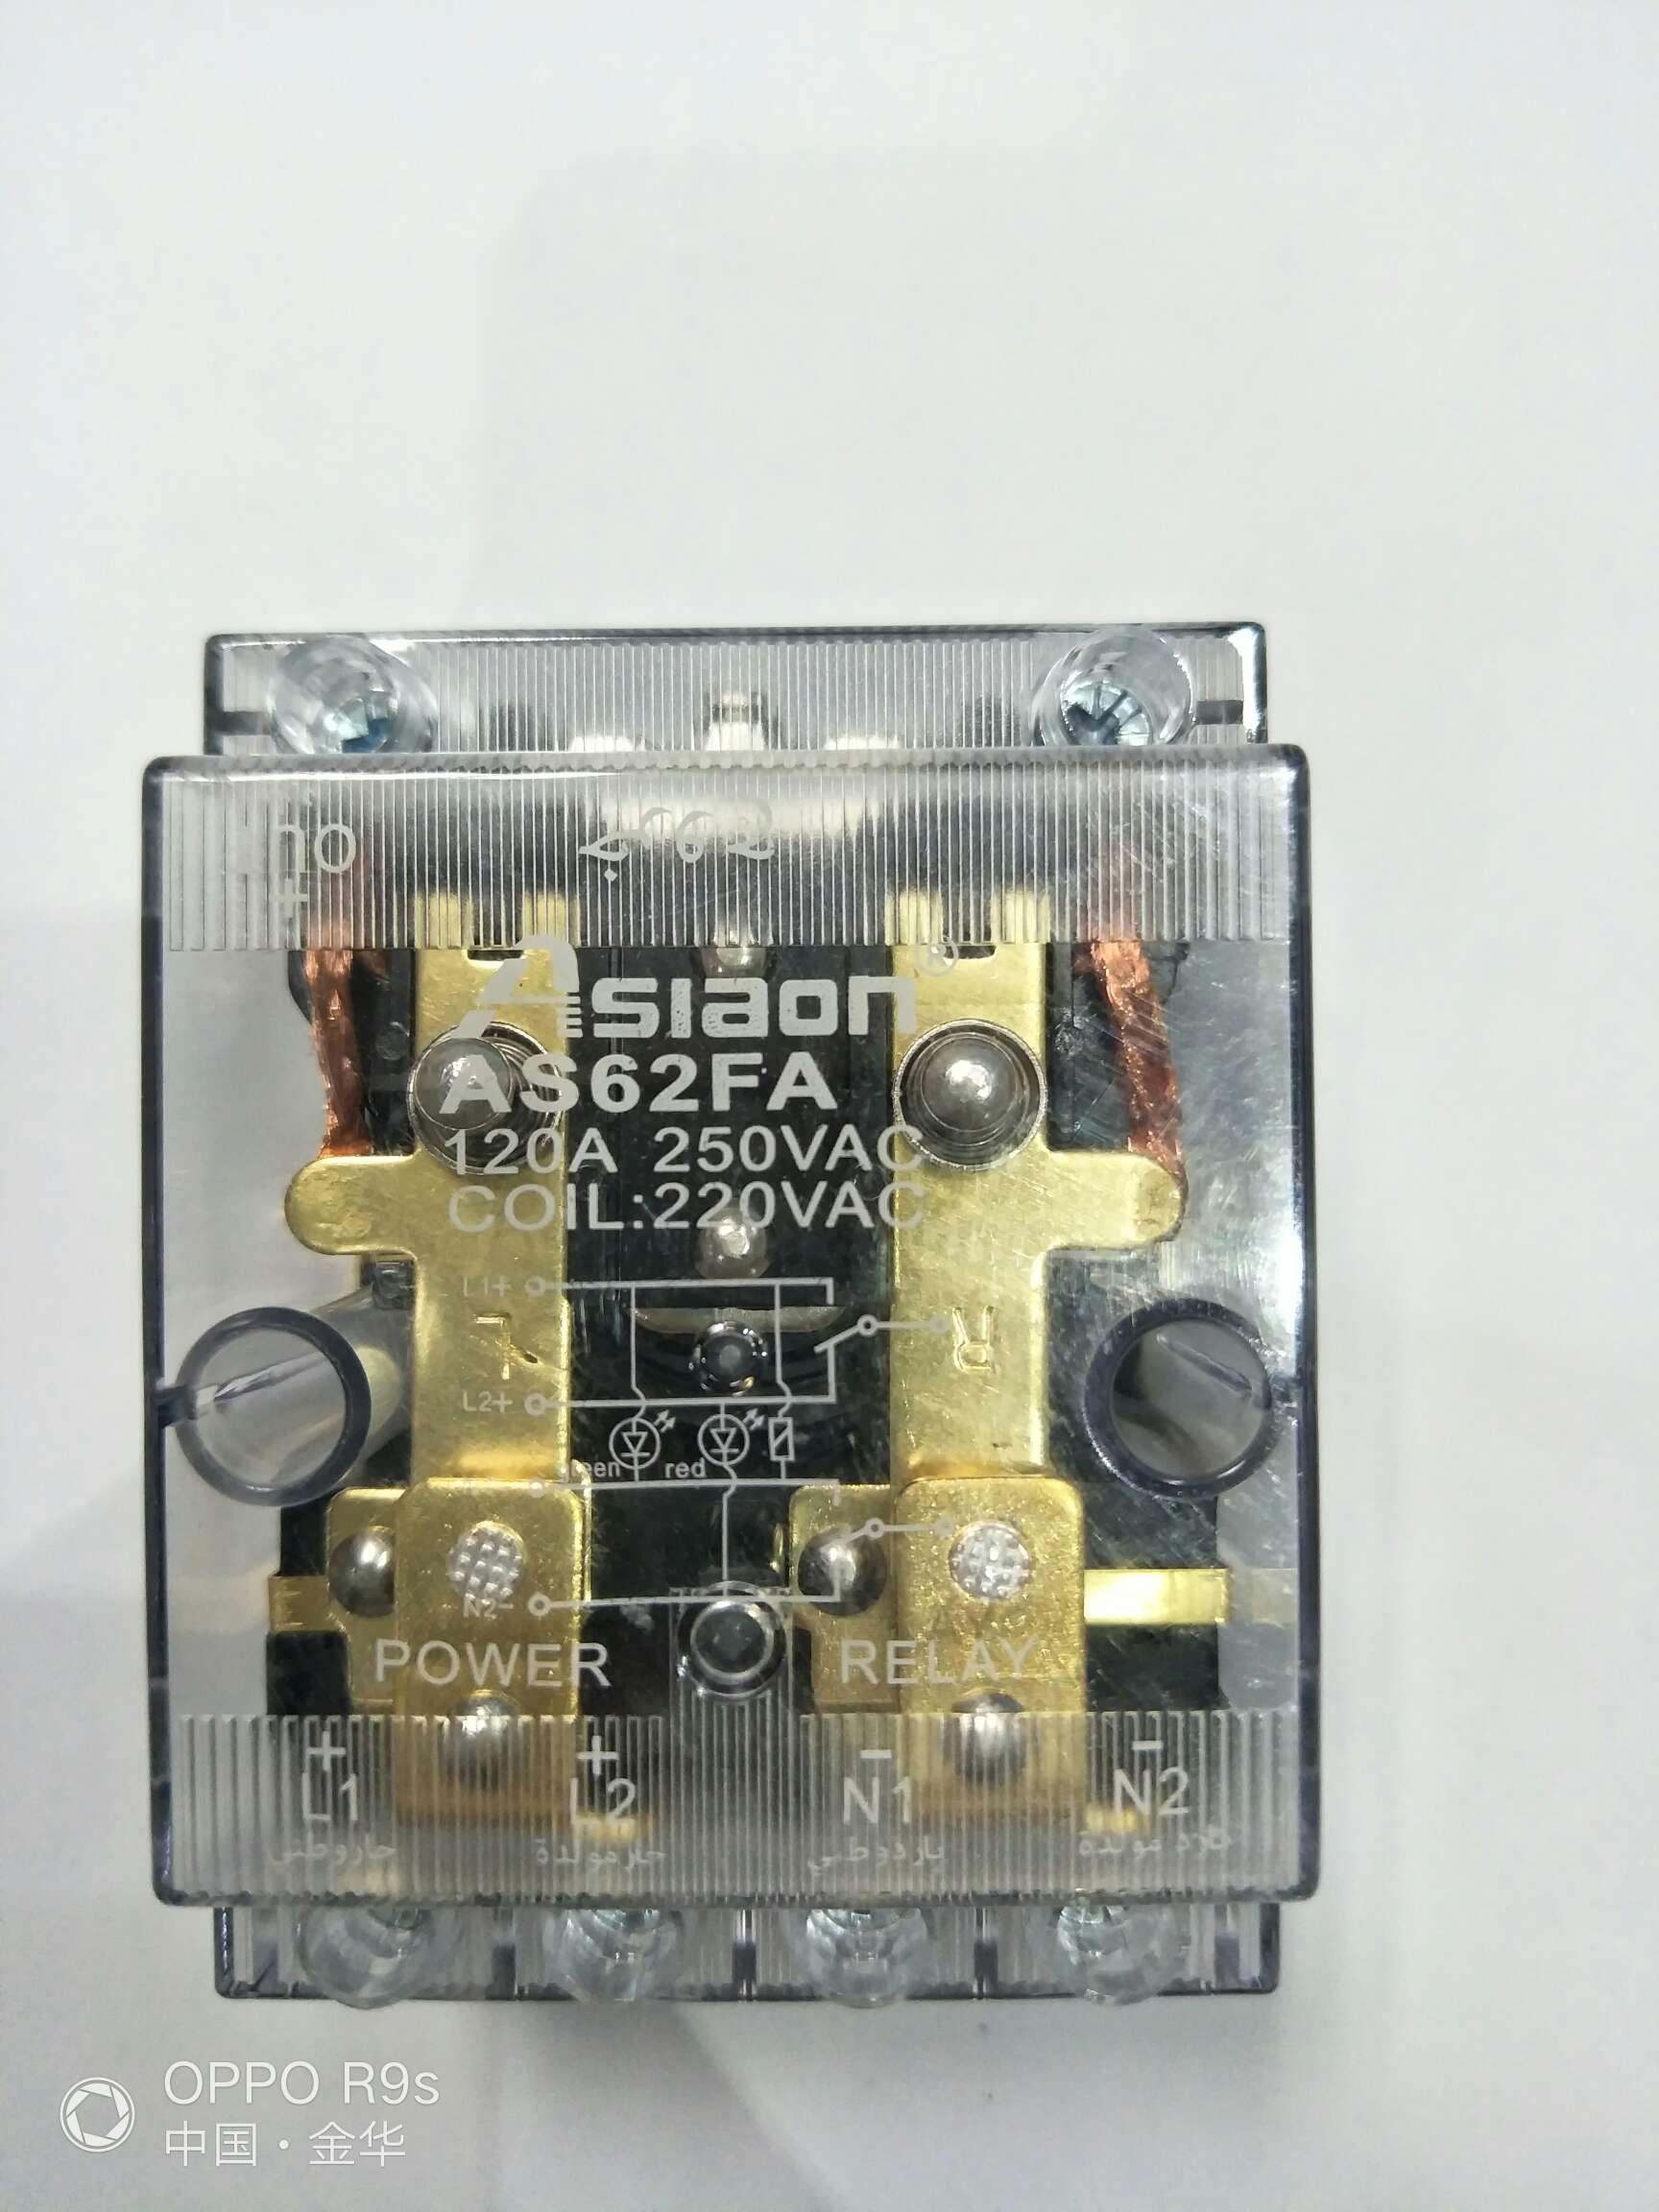 大功率JQX62FA双电源继电器